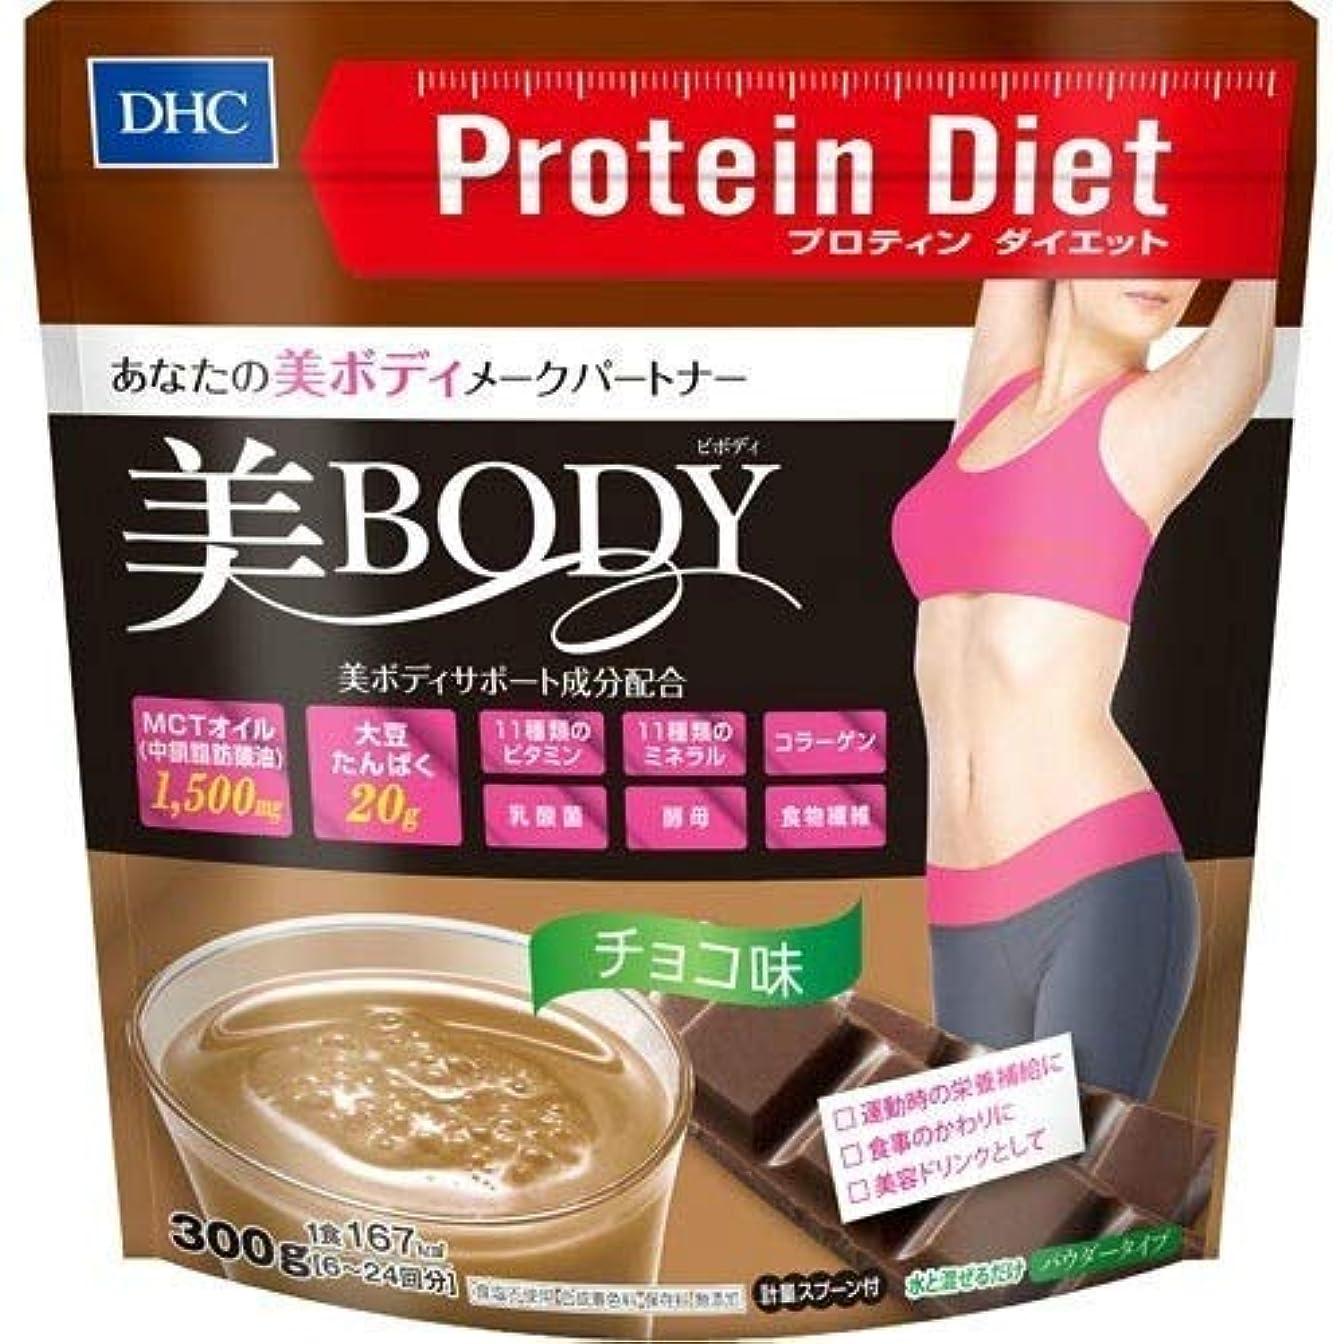 供給平和ガードDHC プロテインダイエット 美Body チョコ味 300g×2個